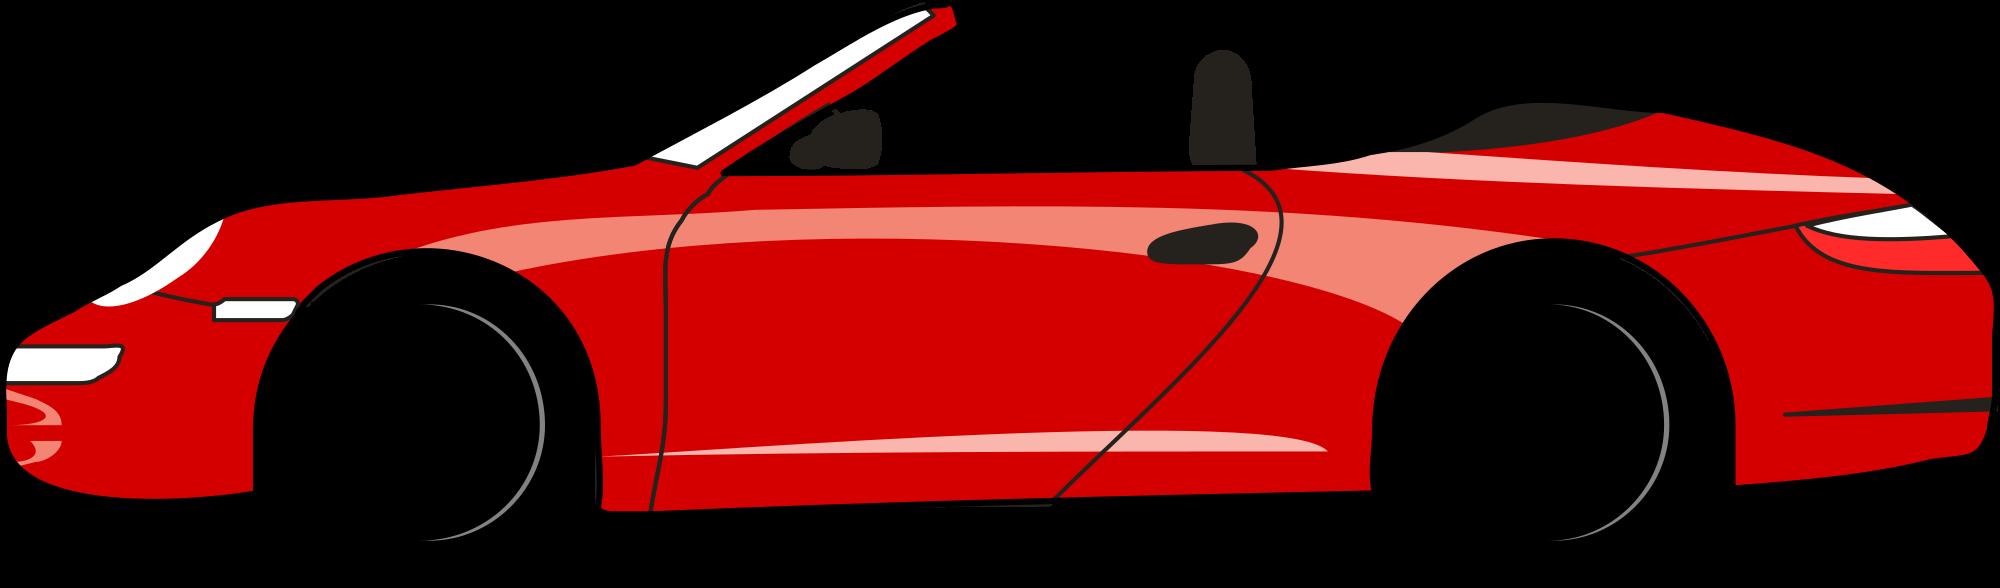 ... Car Clip Art - clipartall ...